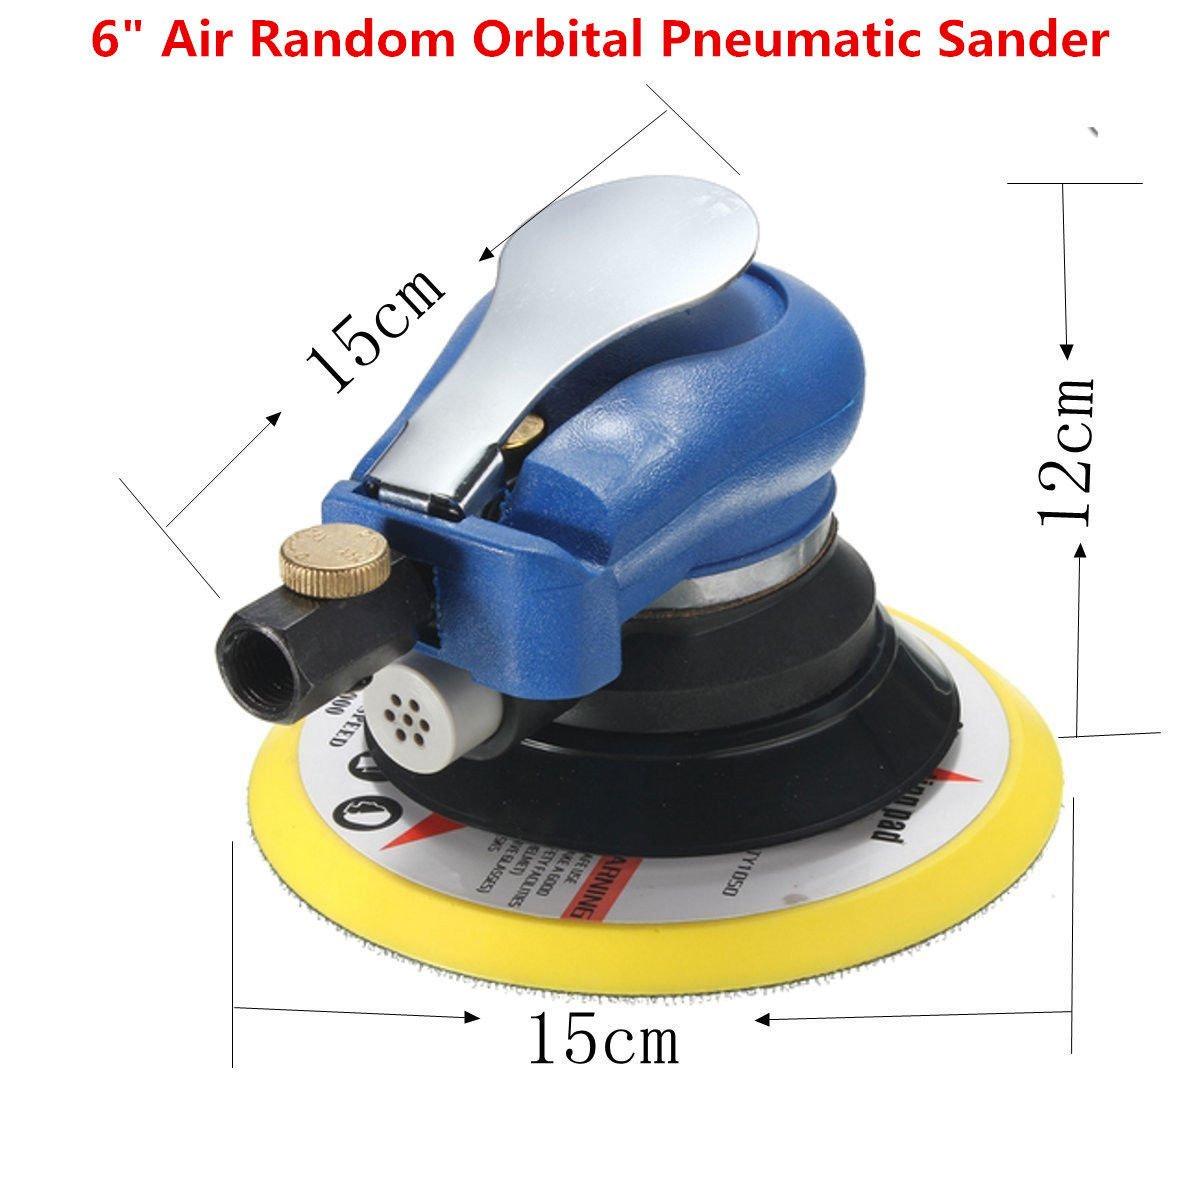 15, 2cm Air ponceuse orbitale pneumatique Disc polisseuse à main électrique Outil de meulage ponçage kit pour auto voiture Corps Orbit DA ponçage Nirananda